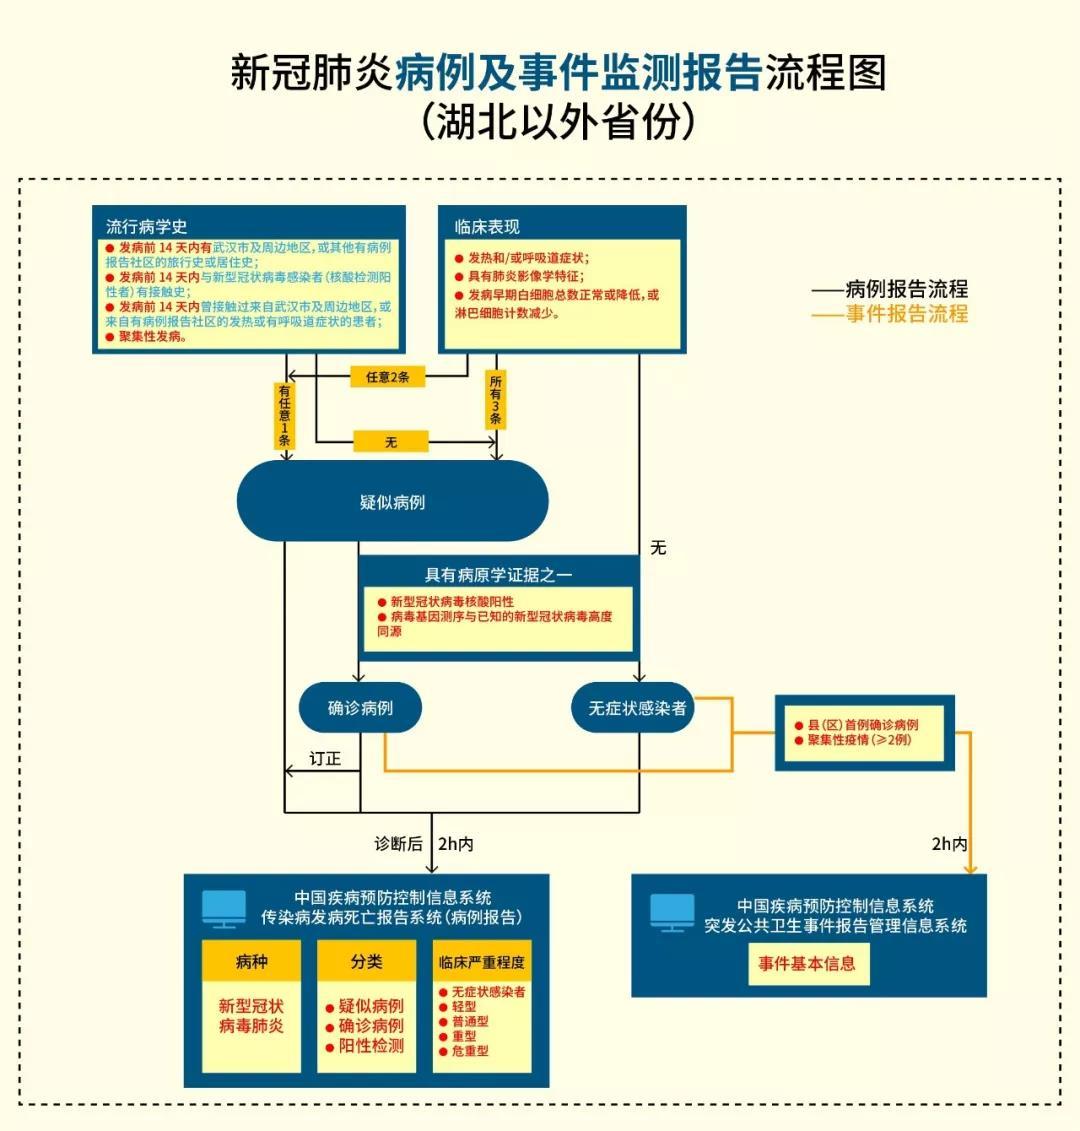 新冠肺炎病例及事件监测报告流程图.jpg